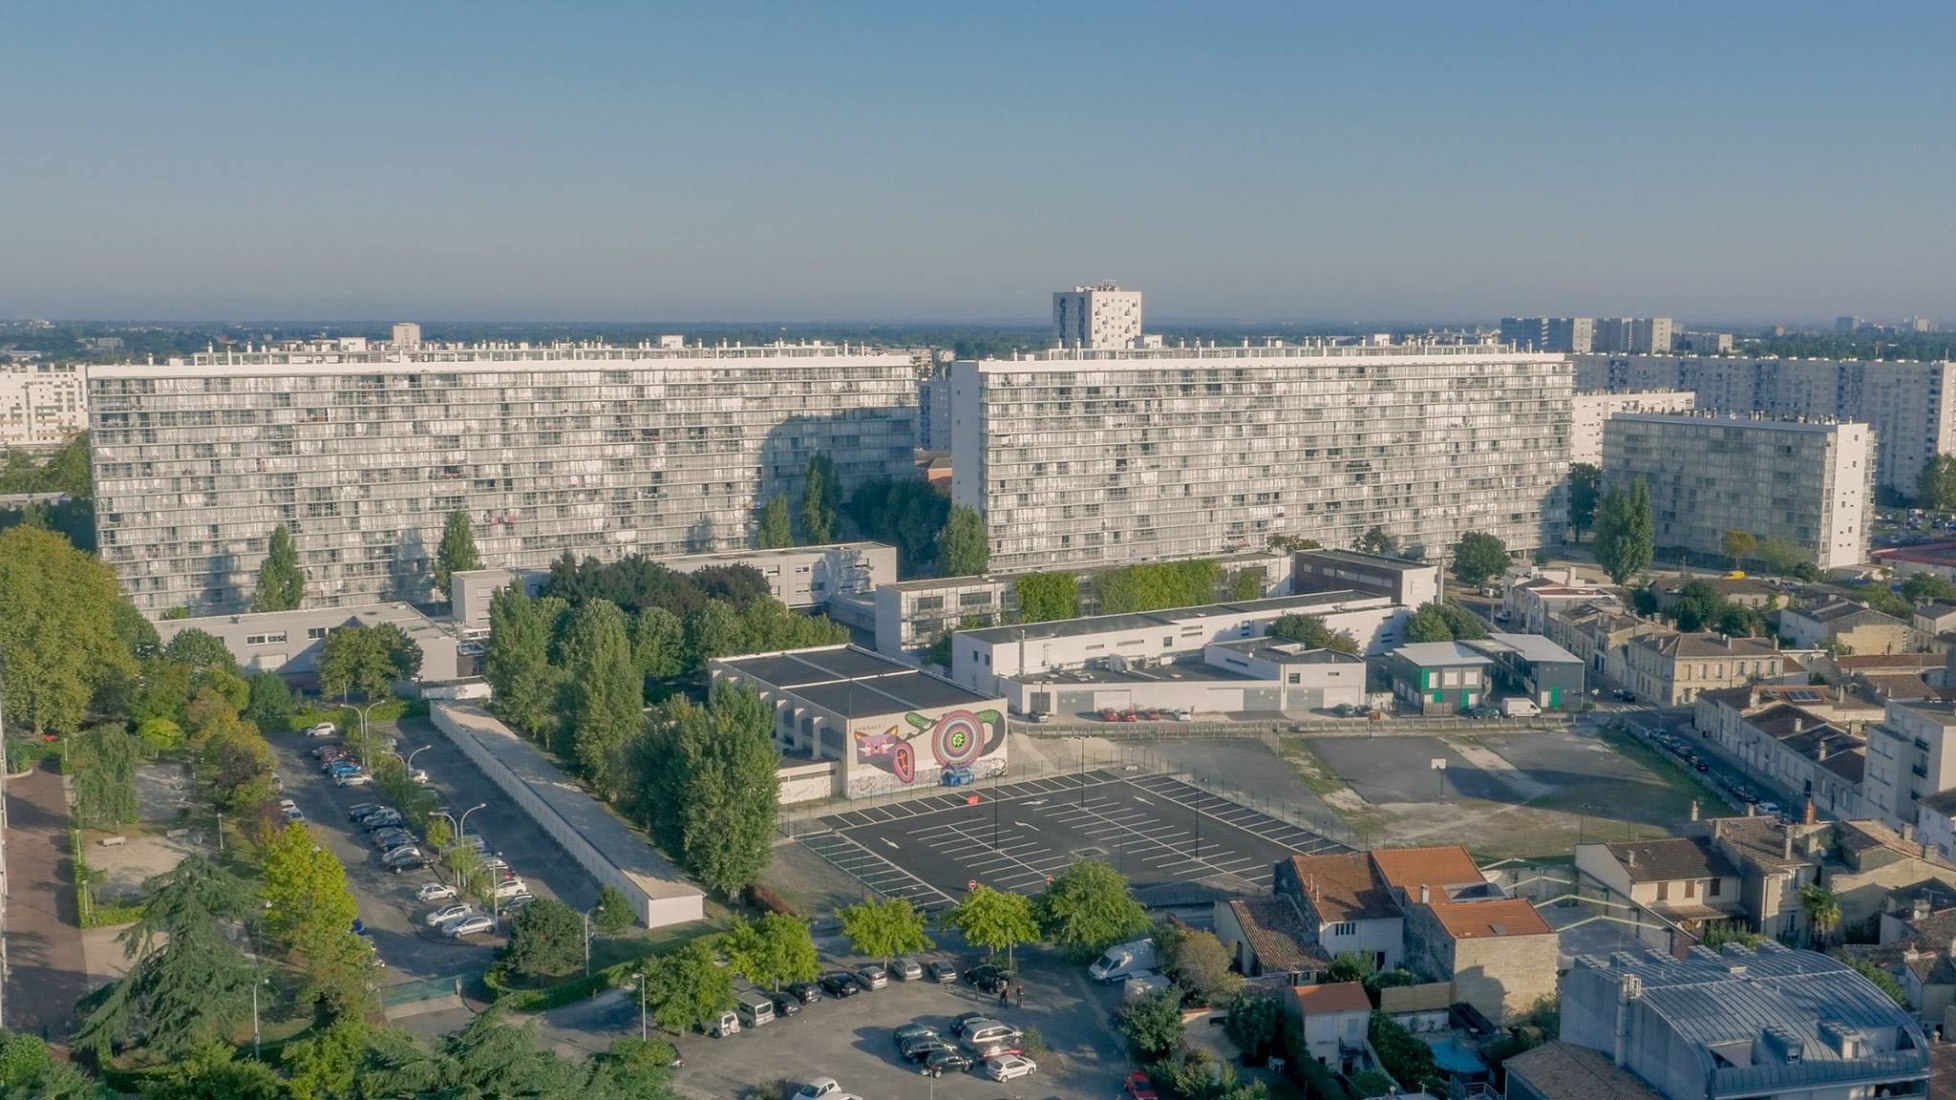 Vista general. Transformación de 530 viviendas, bloques G, H, I, por Lacaton & Vassal con Frédéric Druot y Christophe Hutin. Fotografía © Aquitanis